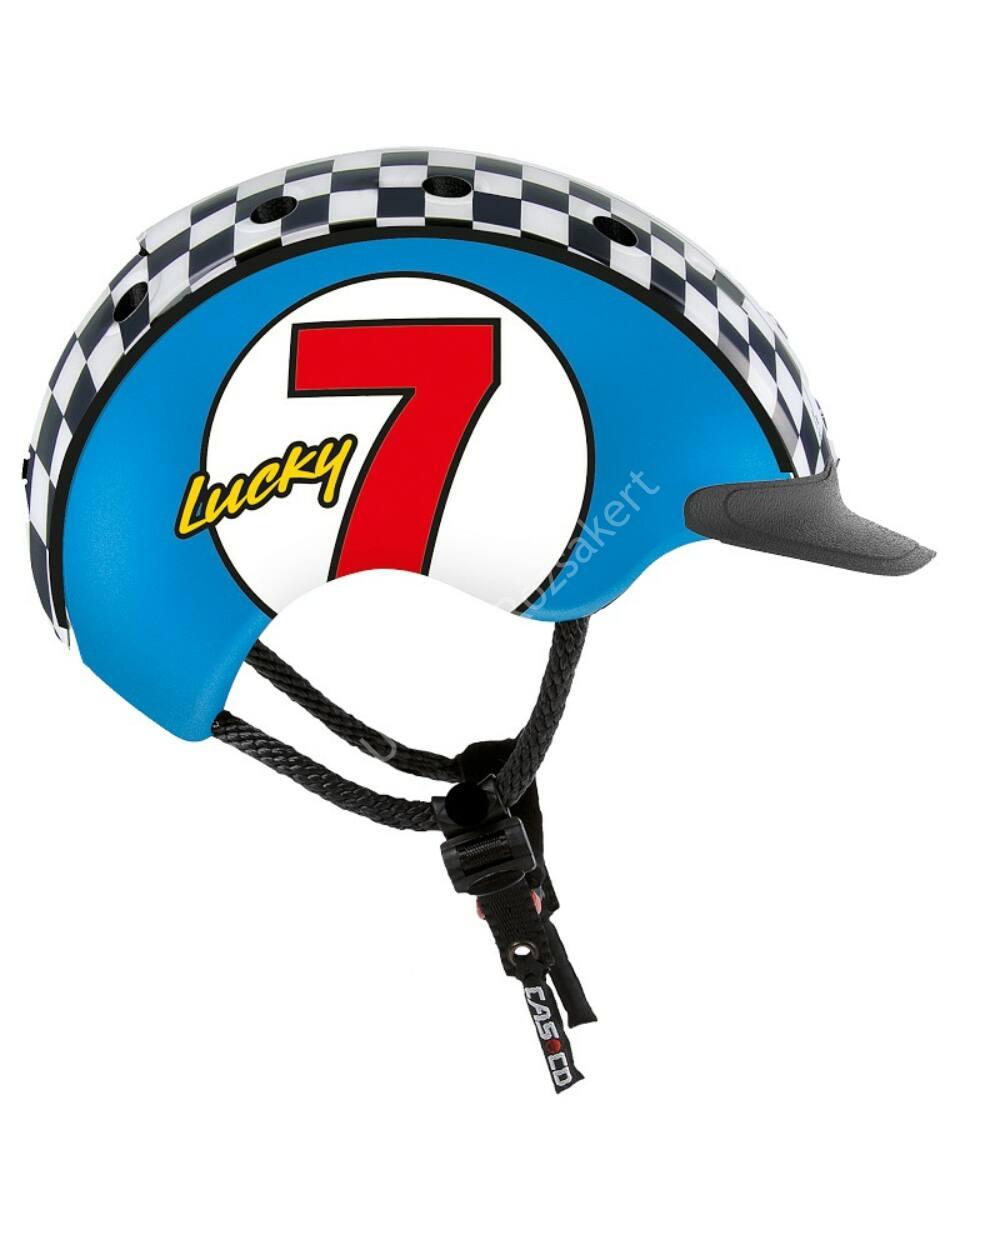 Casco Mini 2 Lucky 7 bukósisak, kék, 52-56cm